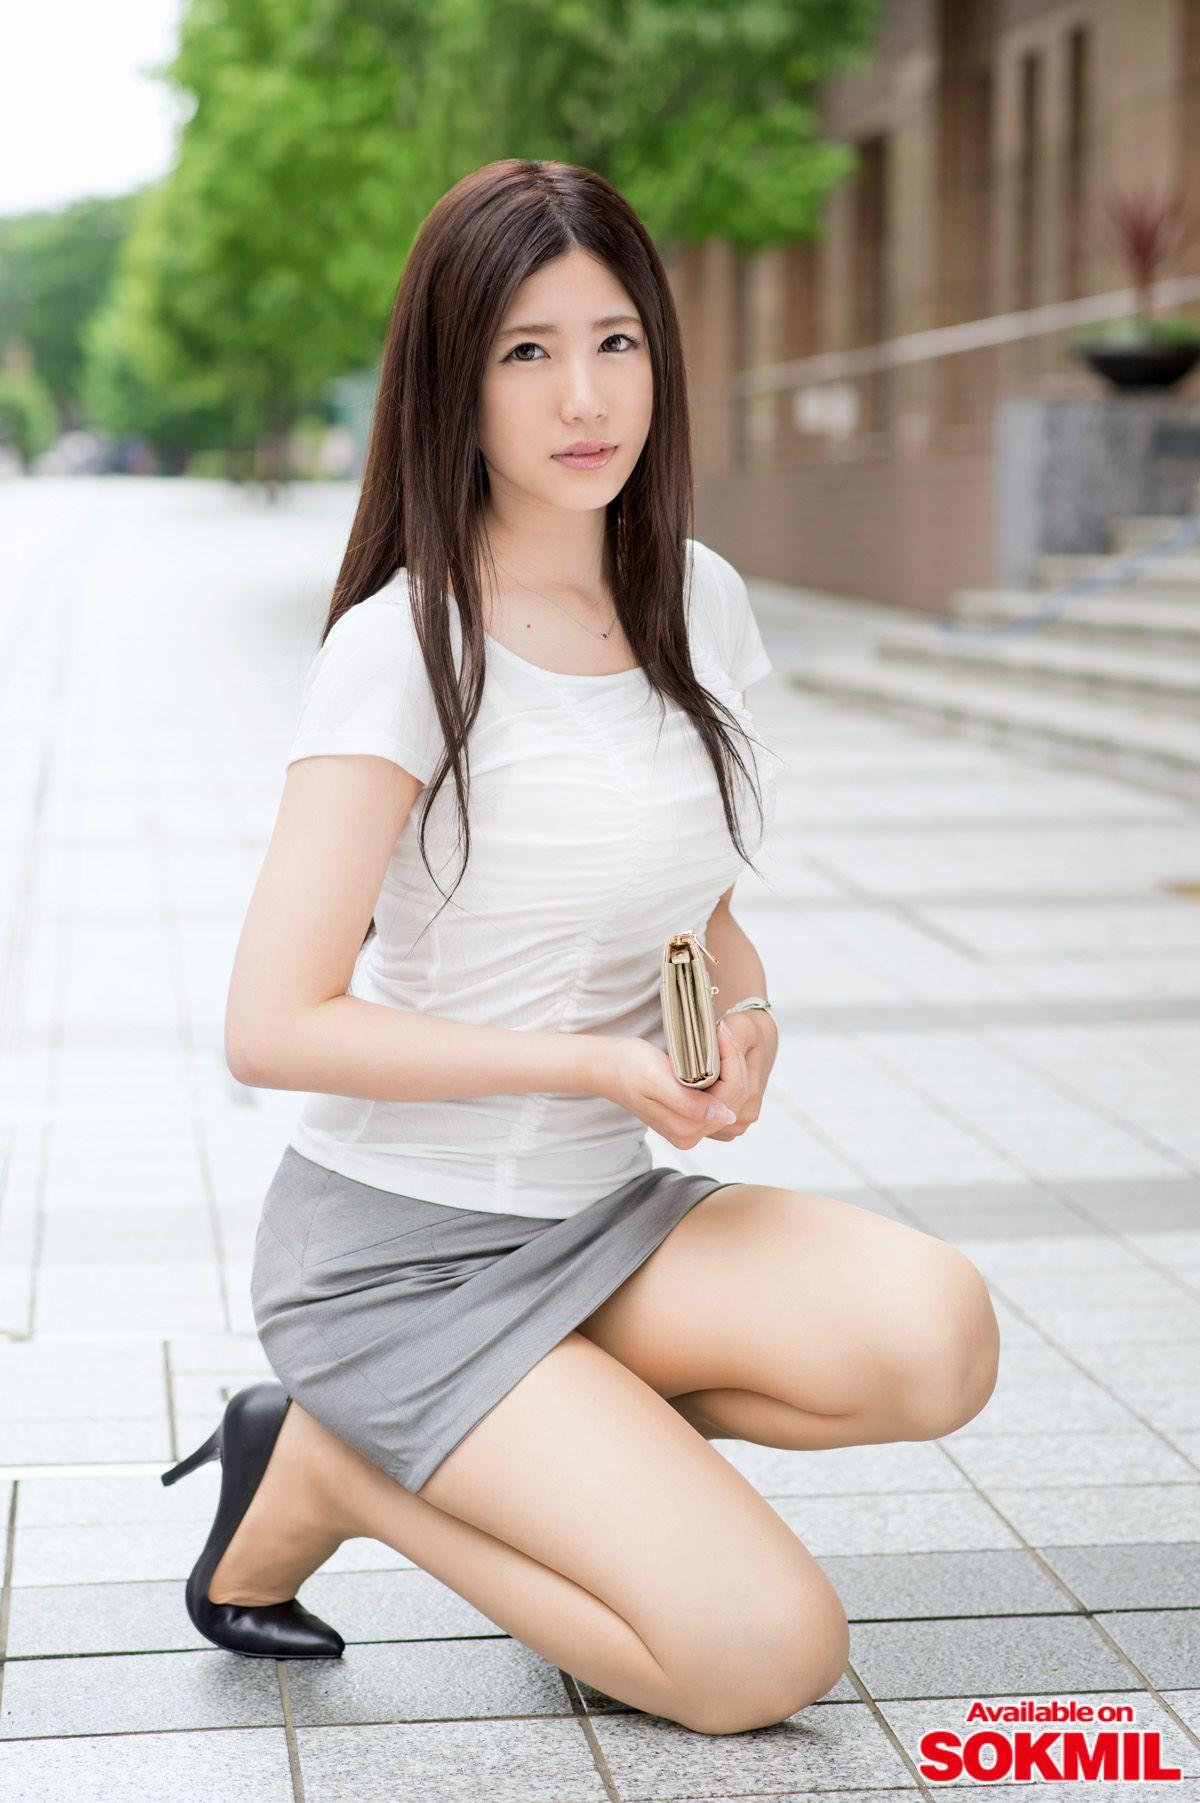 三次元 3次元 エロ画像 ハイヒール 美脚 べっぴん娘通信 05